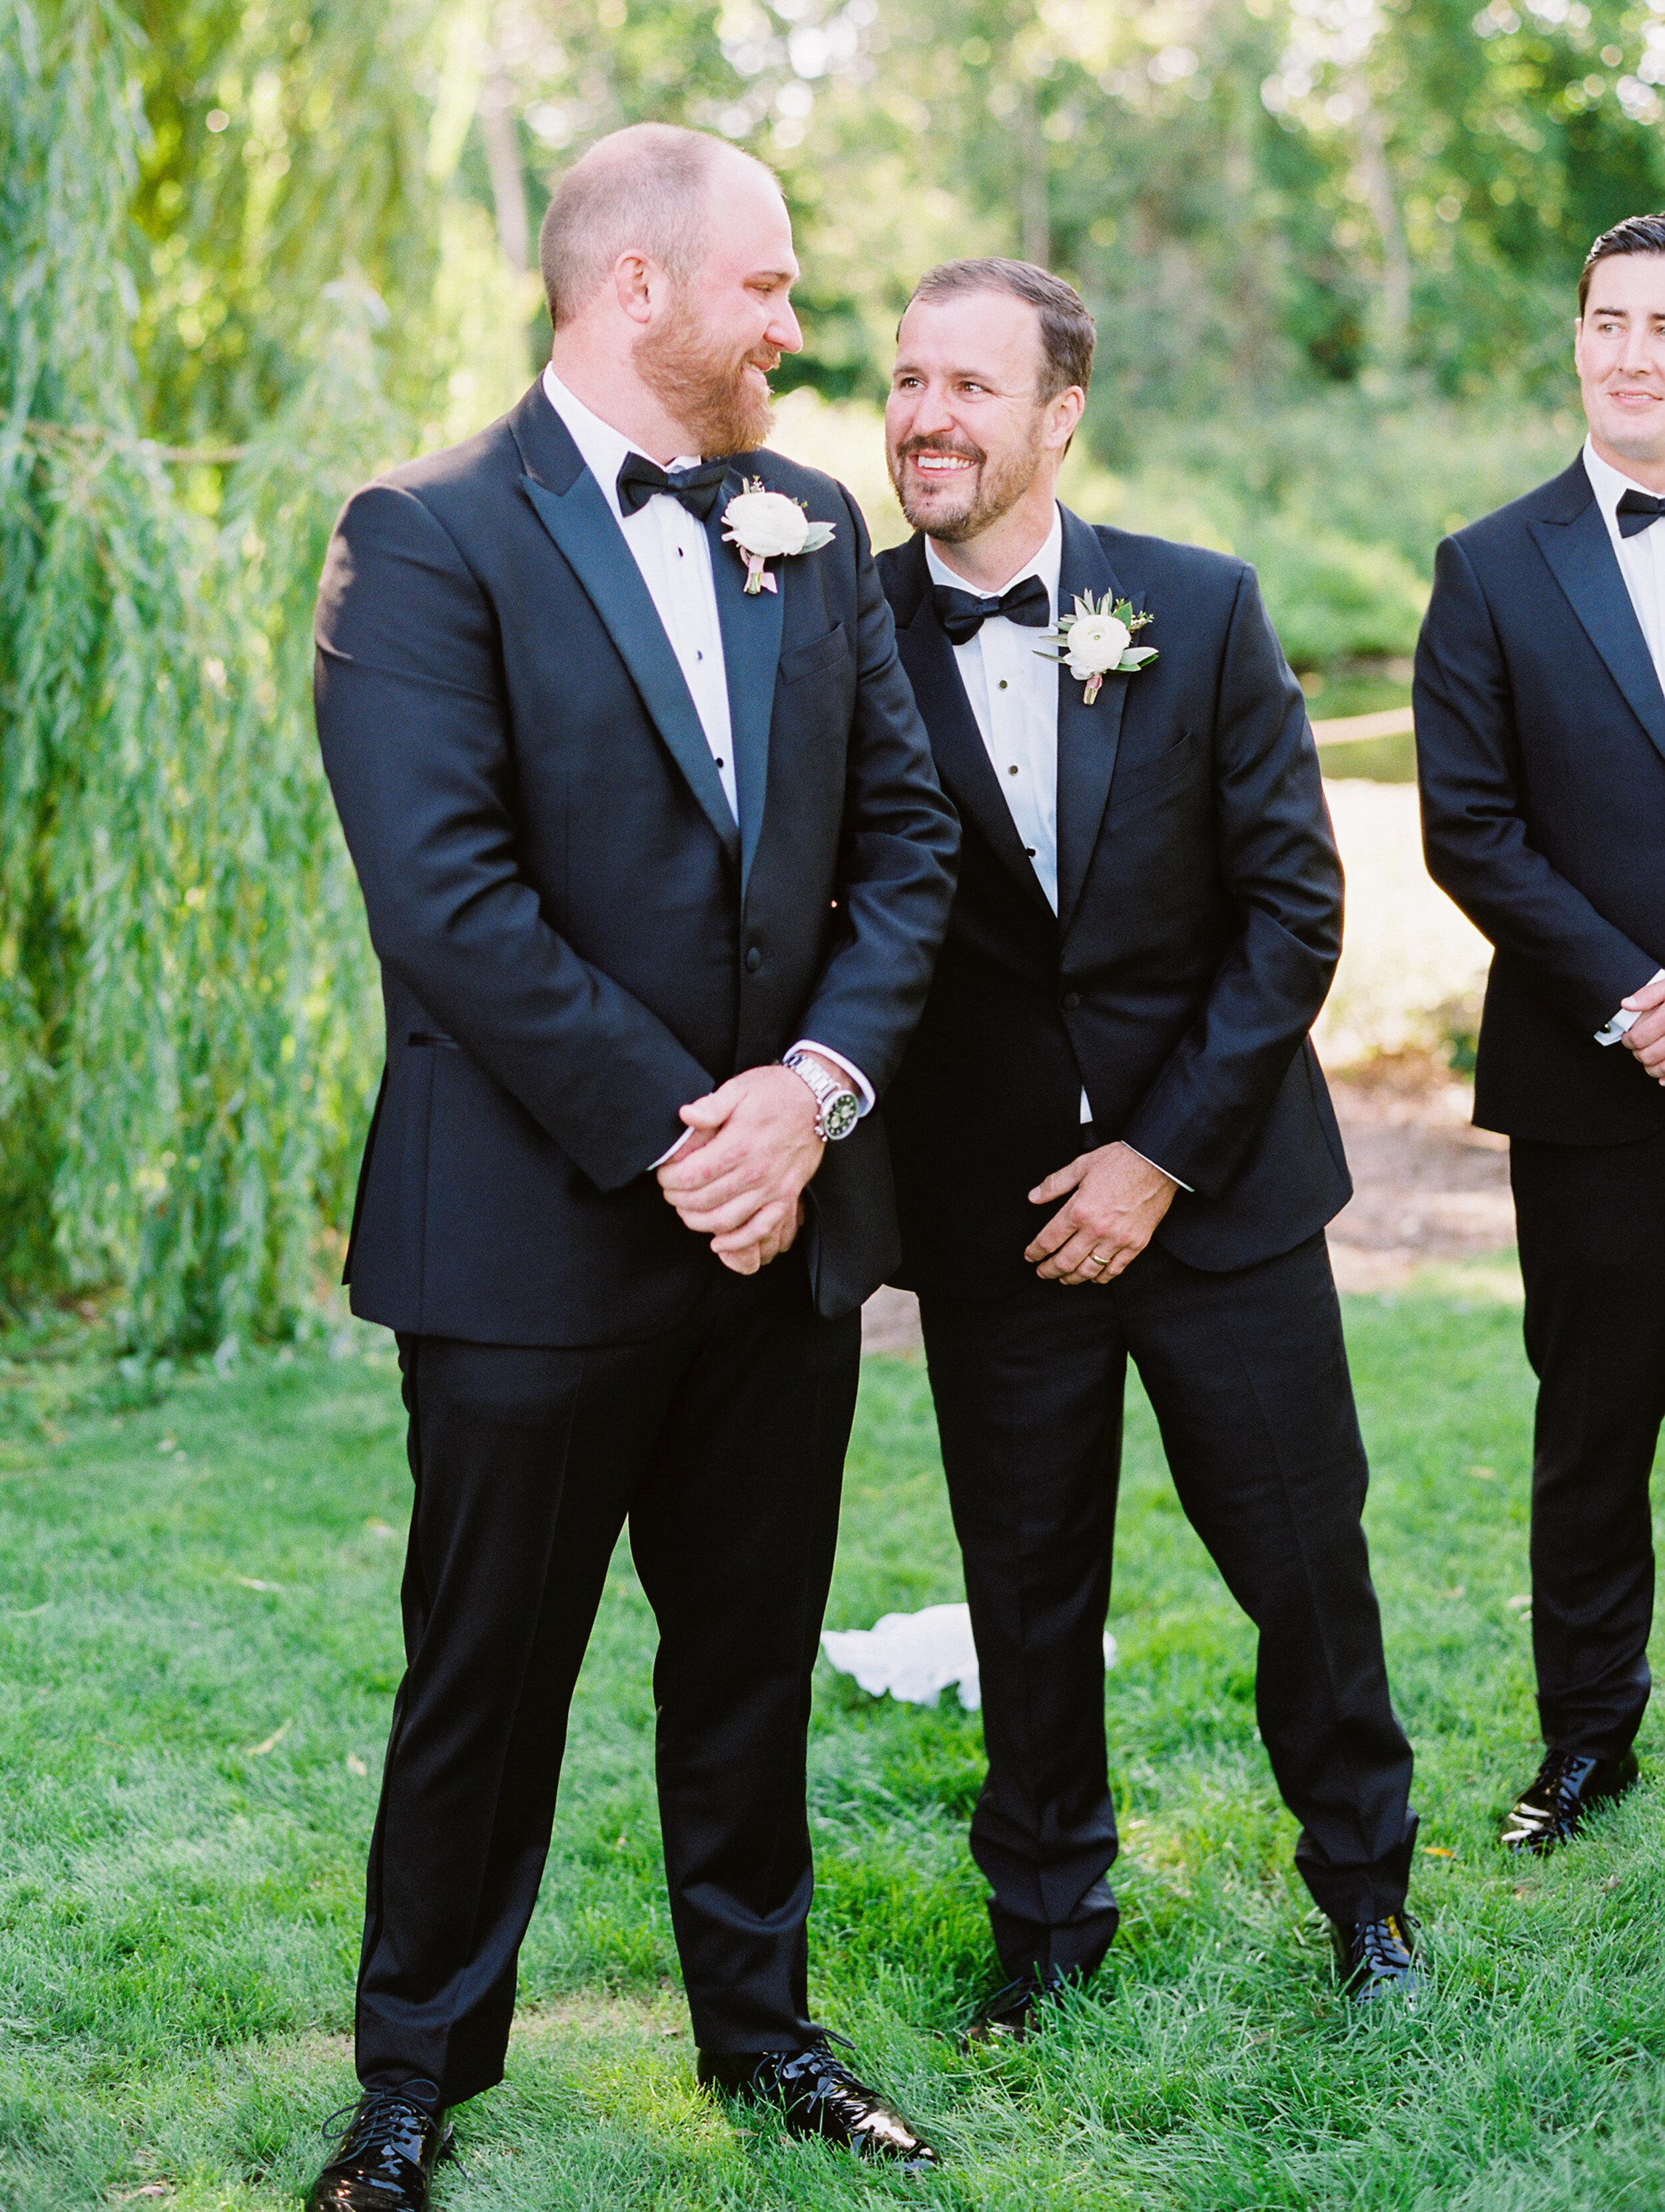 Steinlage+Wedding+Ceremony-128.jpg